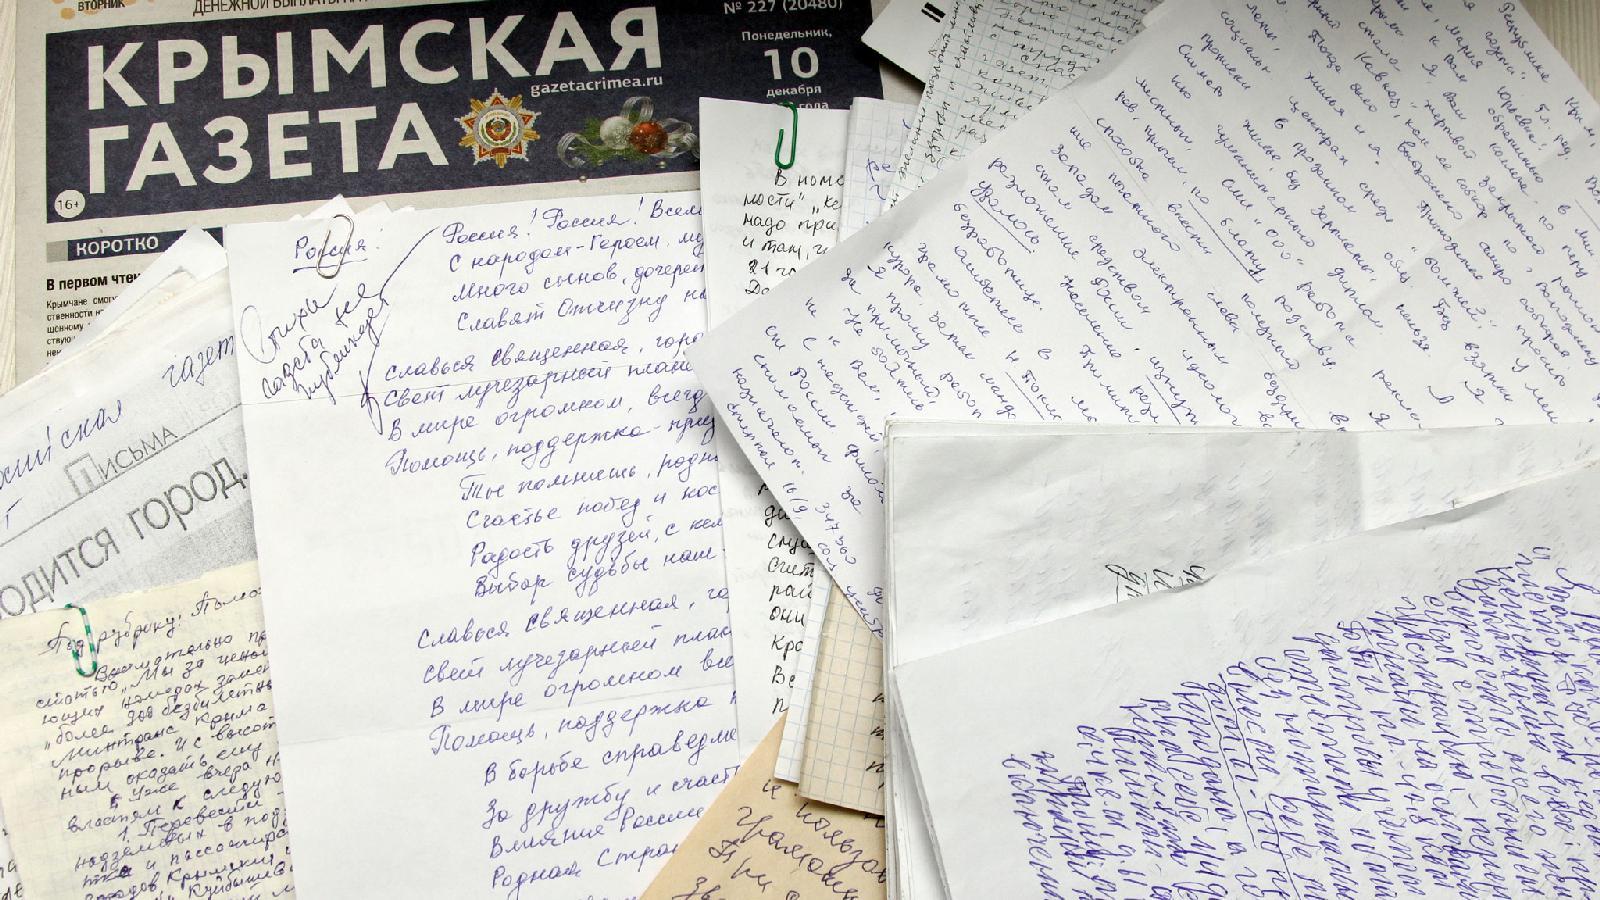 Ежегодно в редакцию приходят около 1500 писем читателей